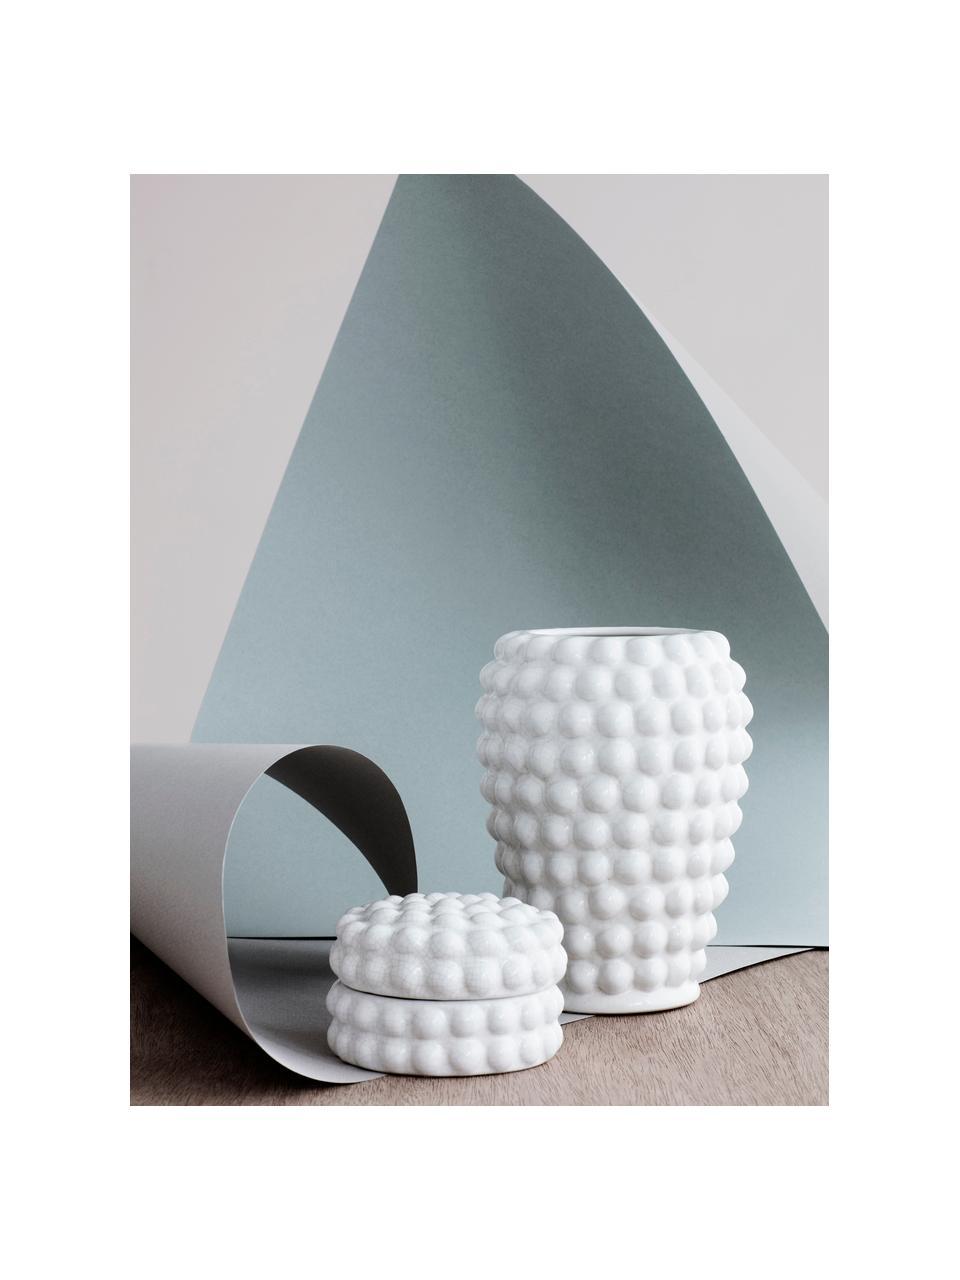 Wazon dekoracyjny z ceramiki Dotty, Ceramika glazurowana, niewodoodporna, Kość słoniowa, Ø 14 x W 20 cm